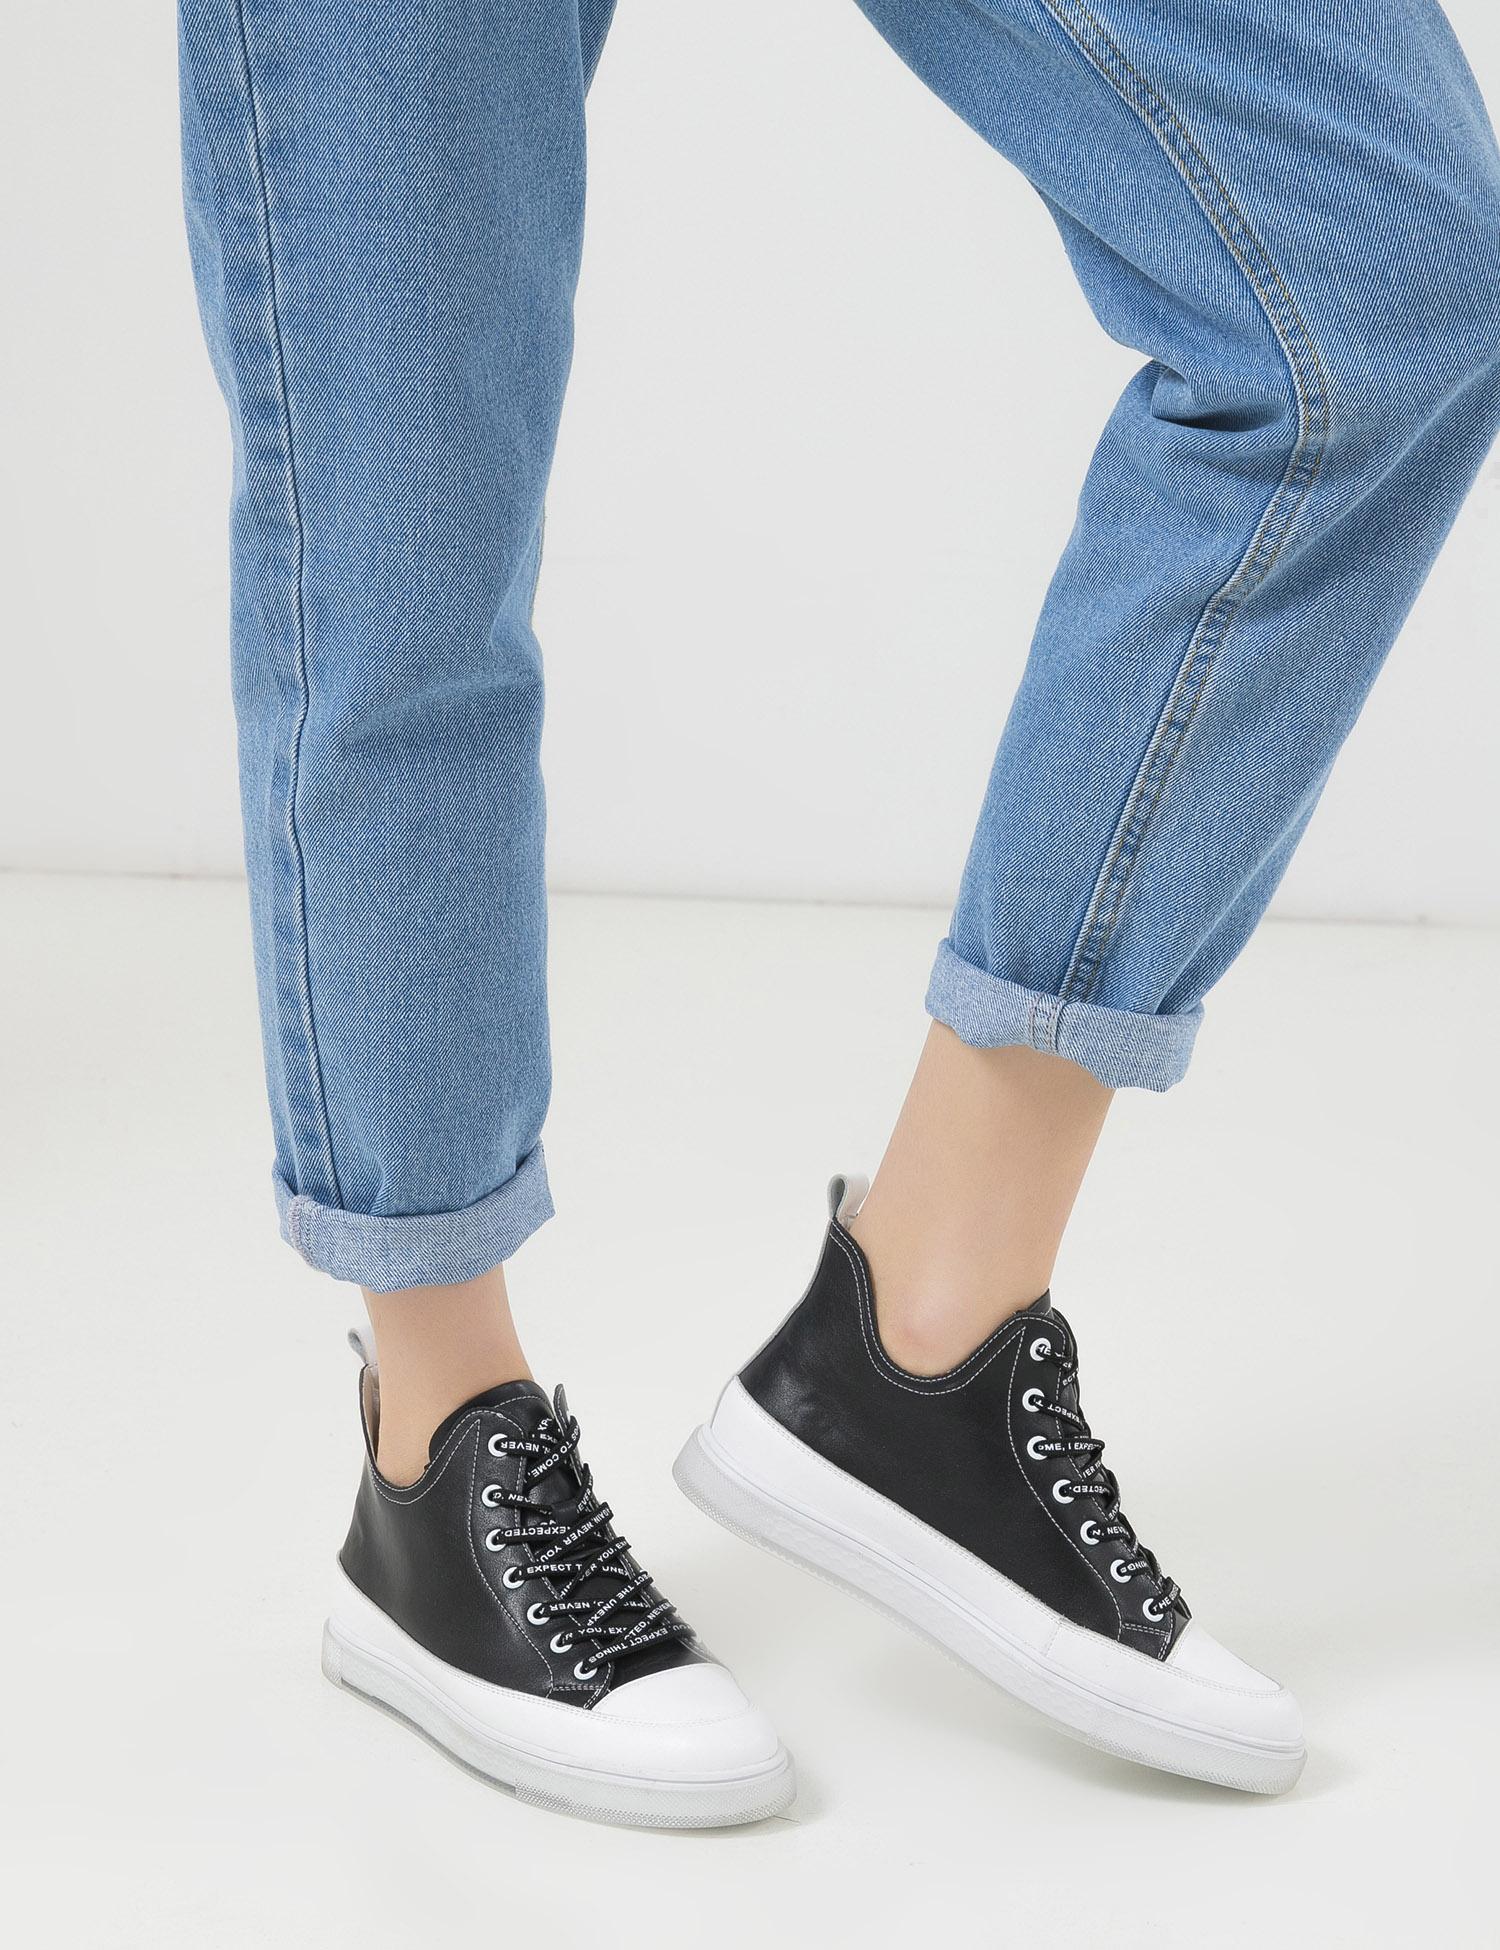 Кросівки  для жінок Кроссовки 747831180-1 черная/белая кожа 747831180-1 продаж, 2017